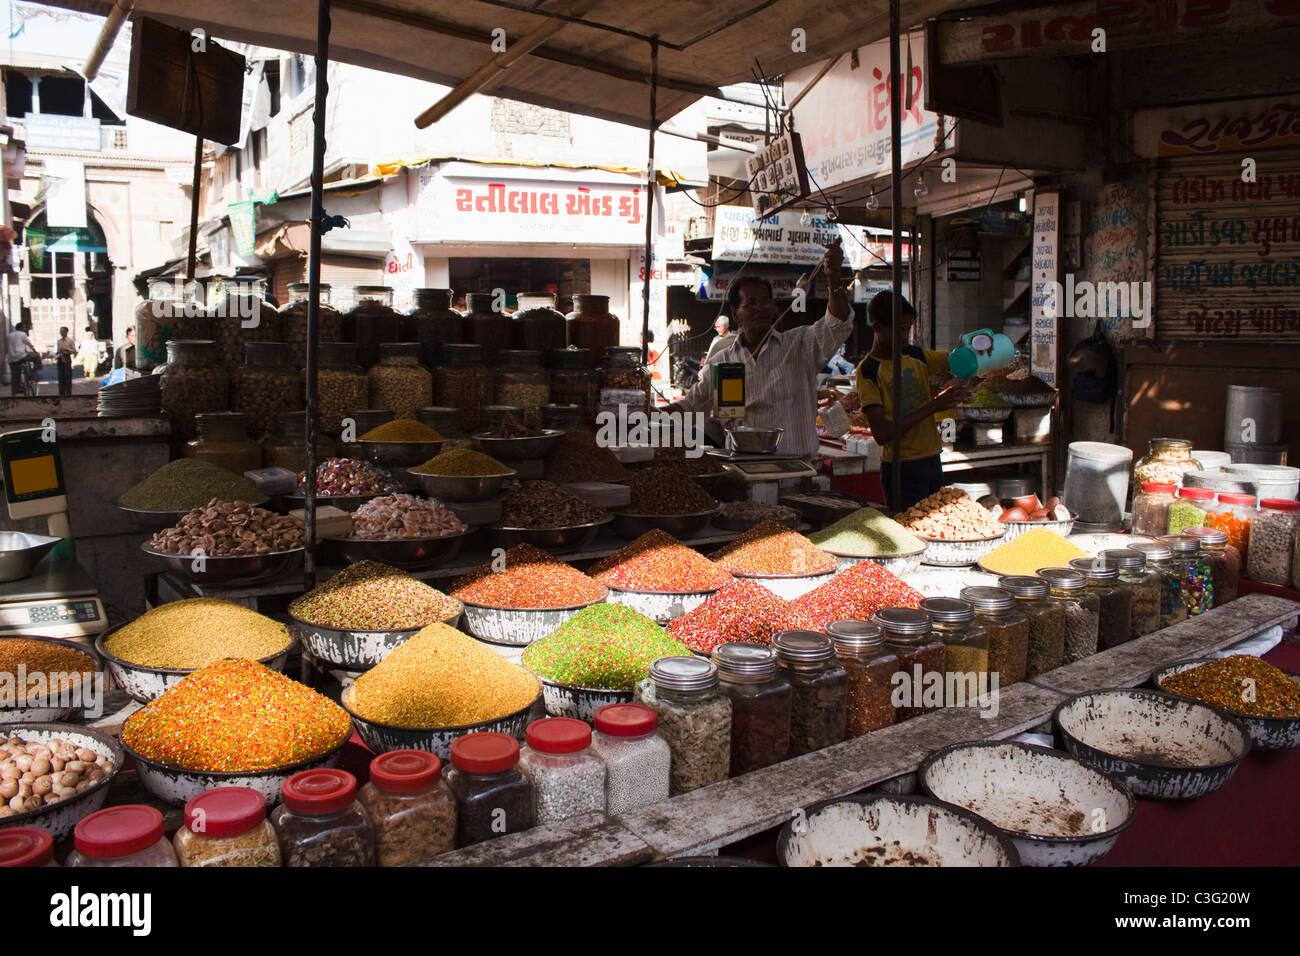 Snacks at a market stall, Ahmedabad, Gujarat, India - Stock Image